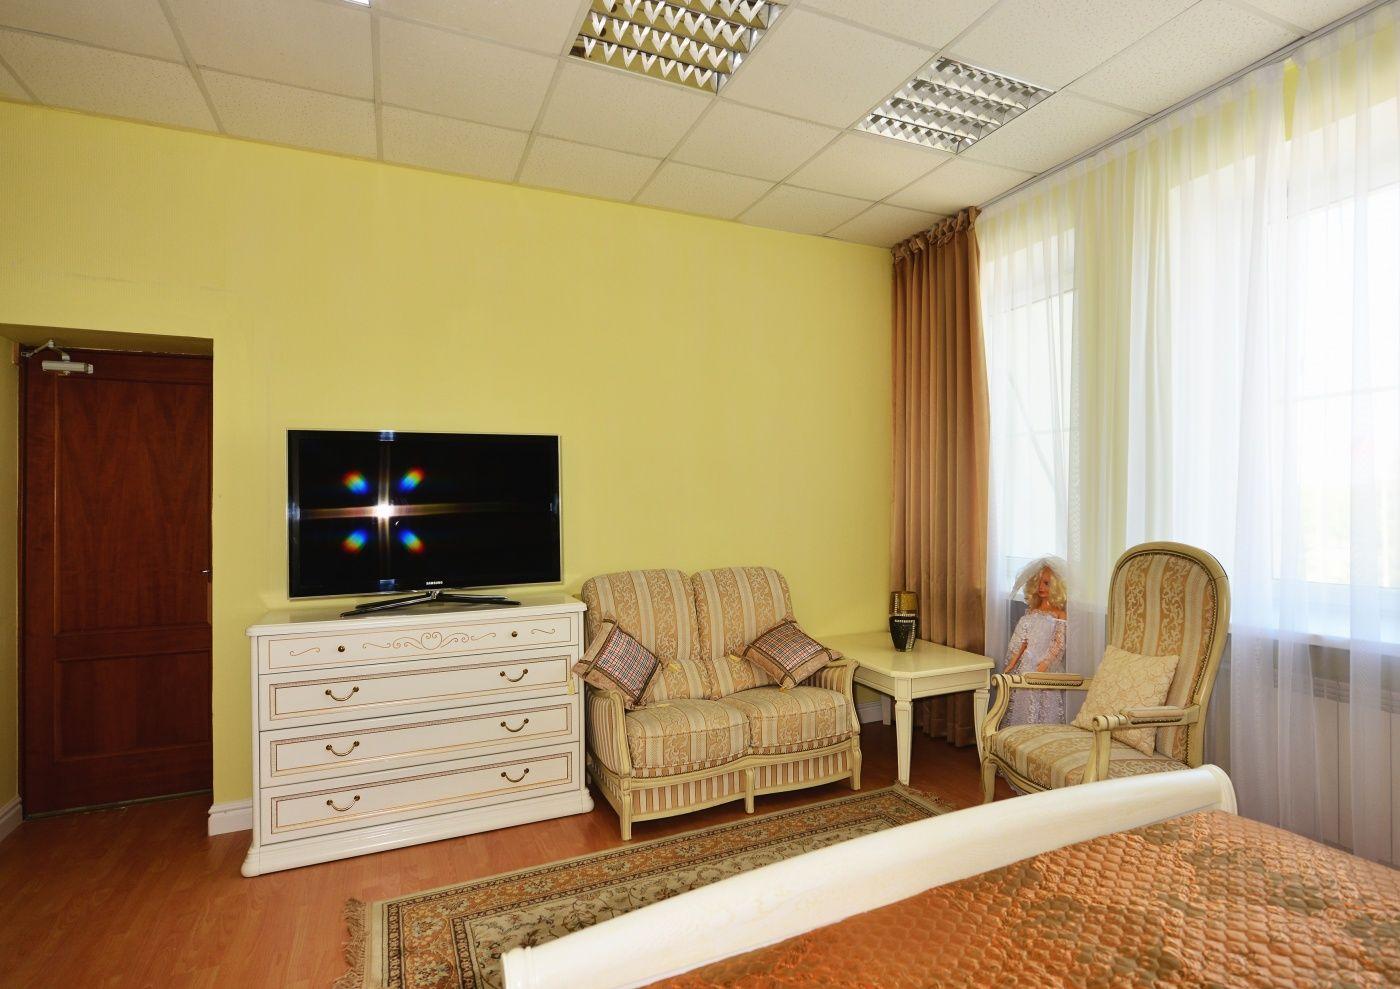 Загородный отель «Сибирская Венеция» Красноярский край Номер VIP для молодоженов, фото 3